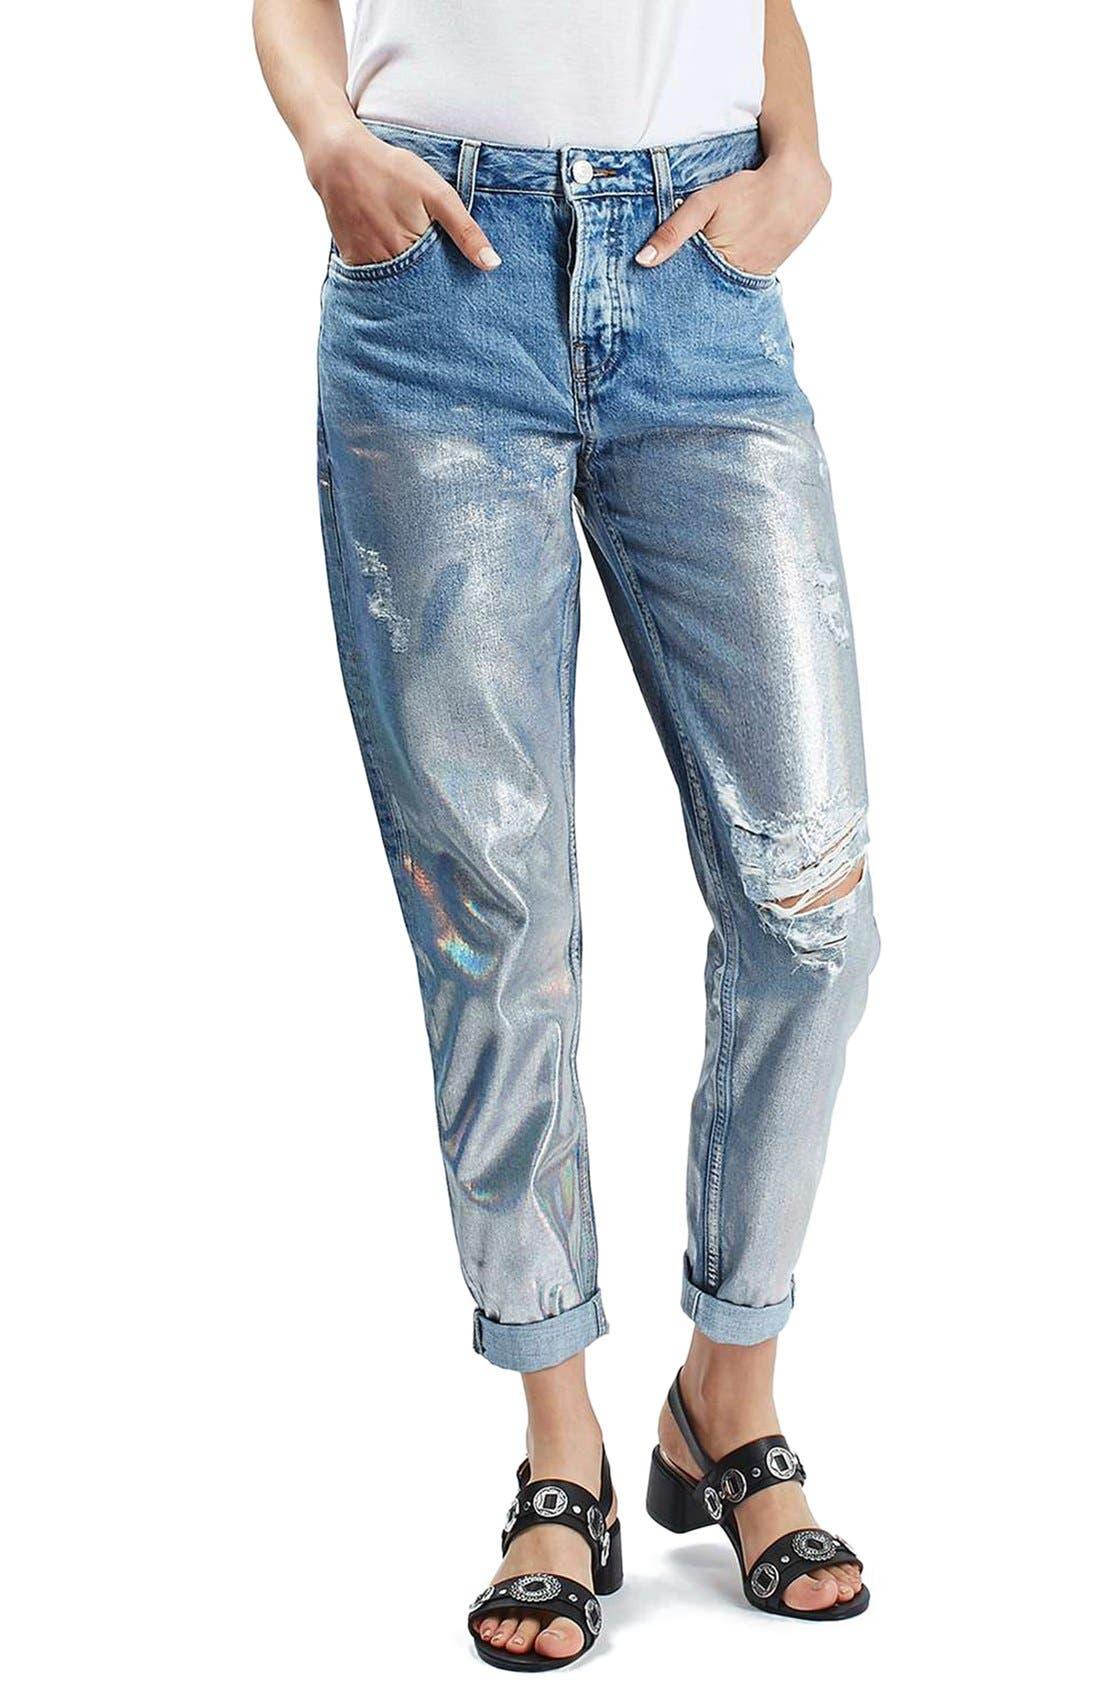 Main Image - Topshop 'Hayden' Metallic Distressed Boyfriend Jeans (Regular & Petite)